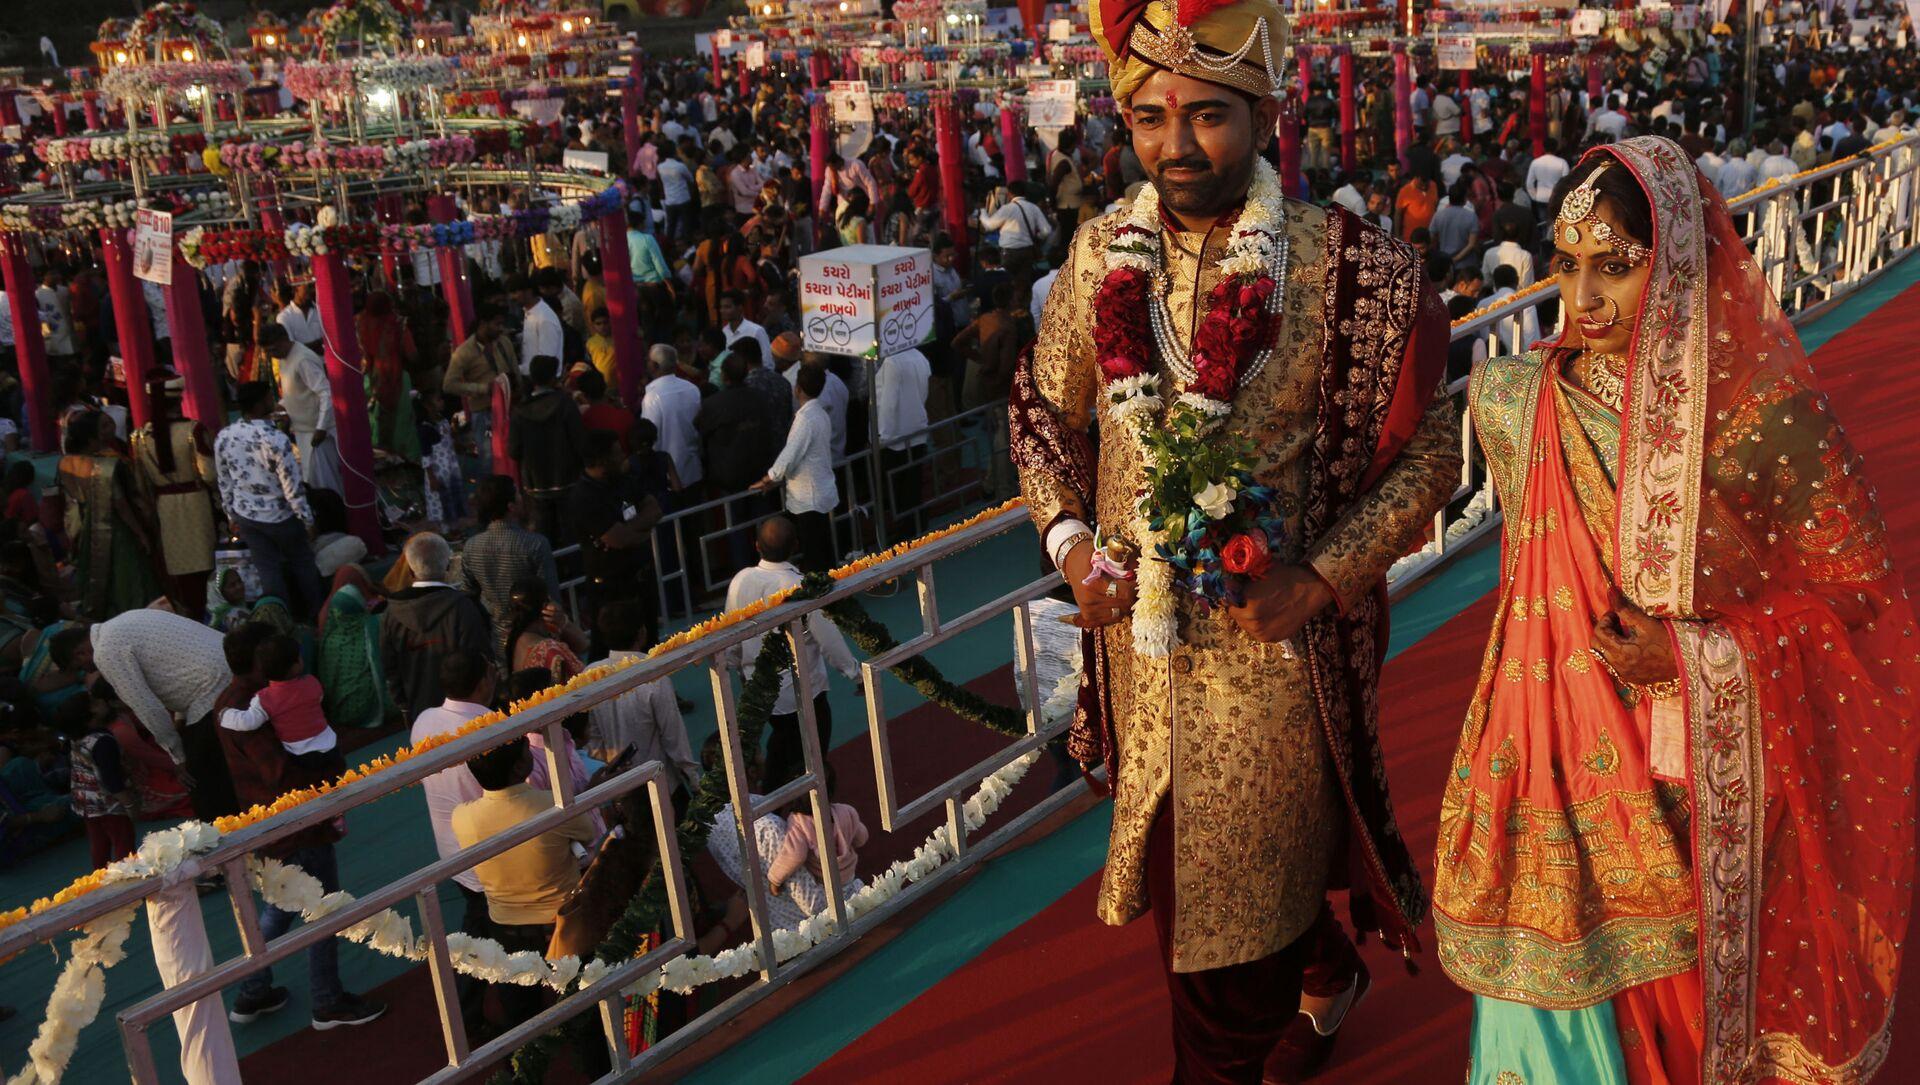 Молодожены после массовой свадебной церемонии в Индии  - Sputnik Italia, 1920, 13.04.2021